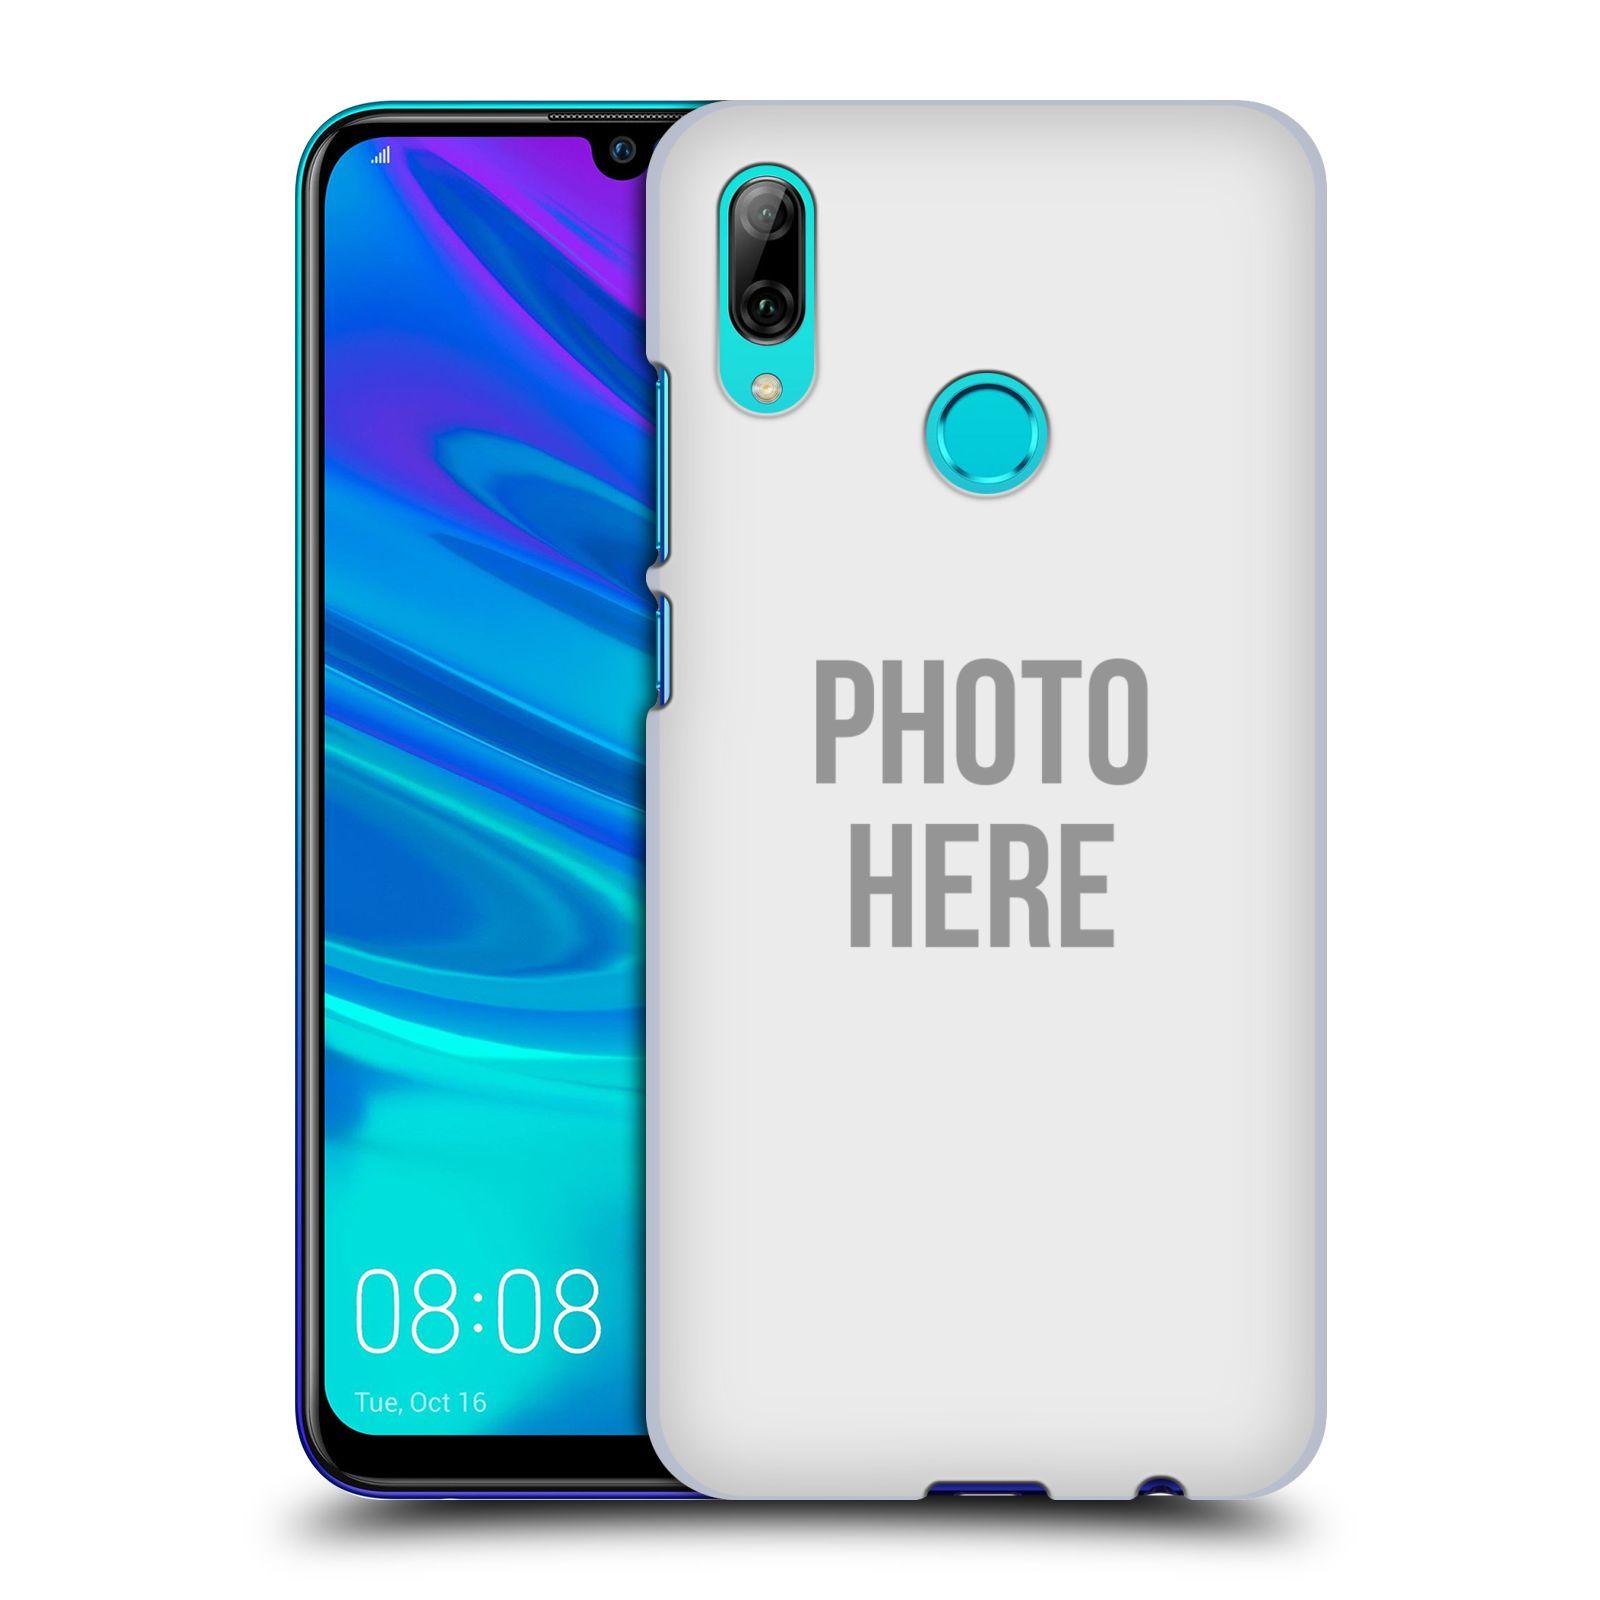 Plastové pouzdro na mobil Huawei P Smart (2019) - Head Case - s vlastním motivem